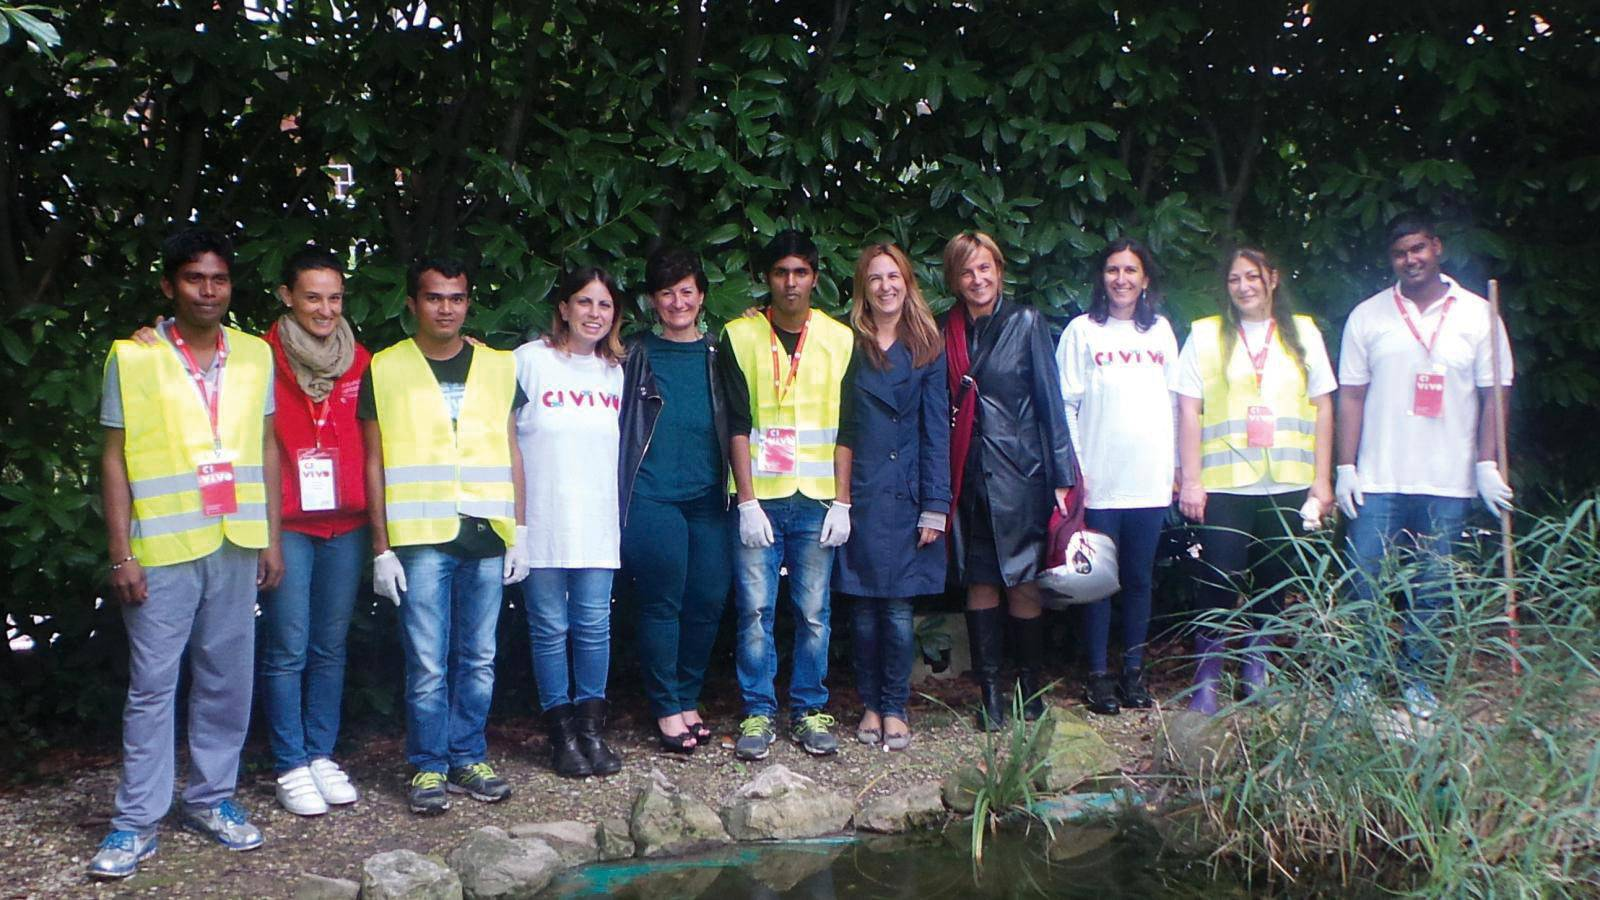 un gruppo di profughi impegnati nei Ci.vi.vo